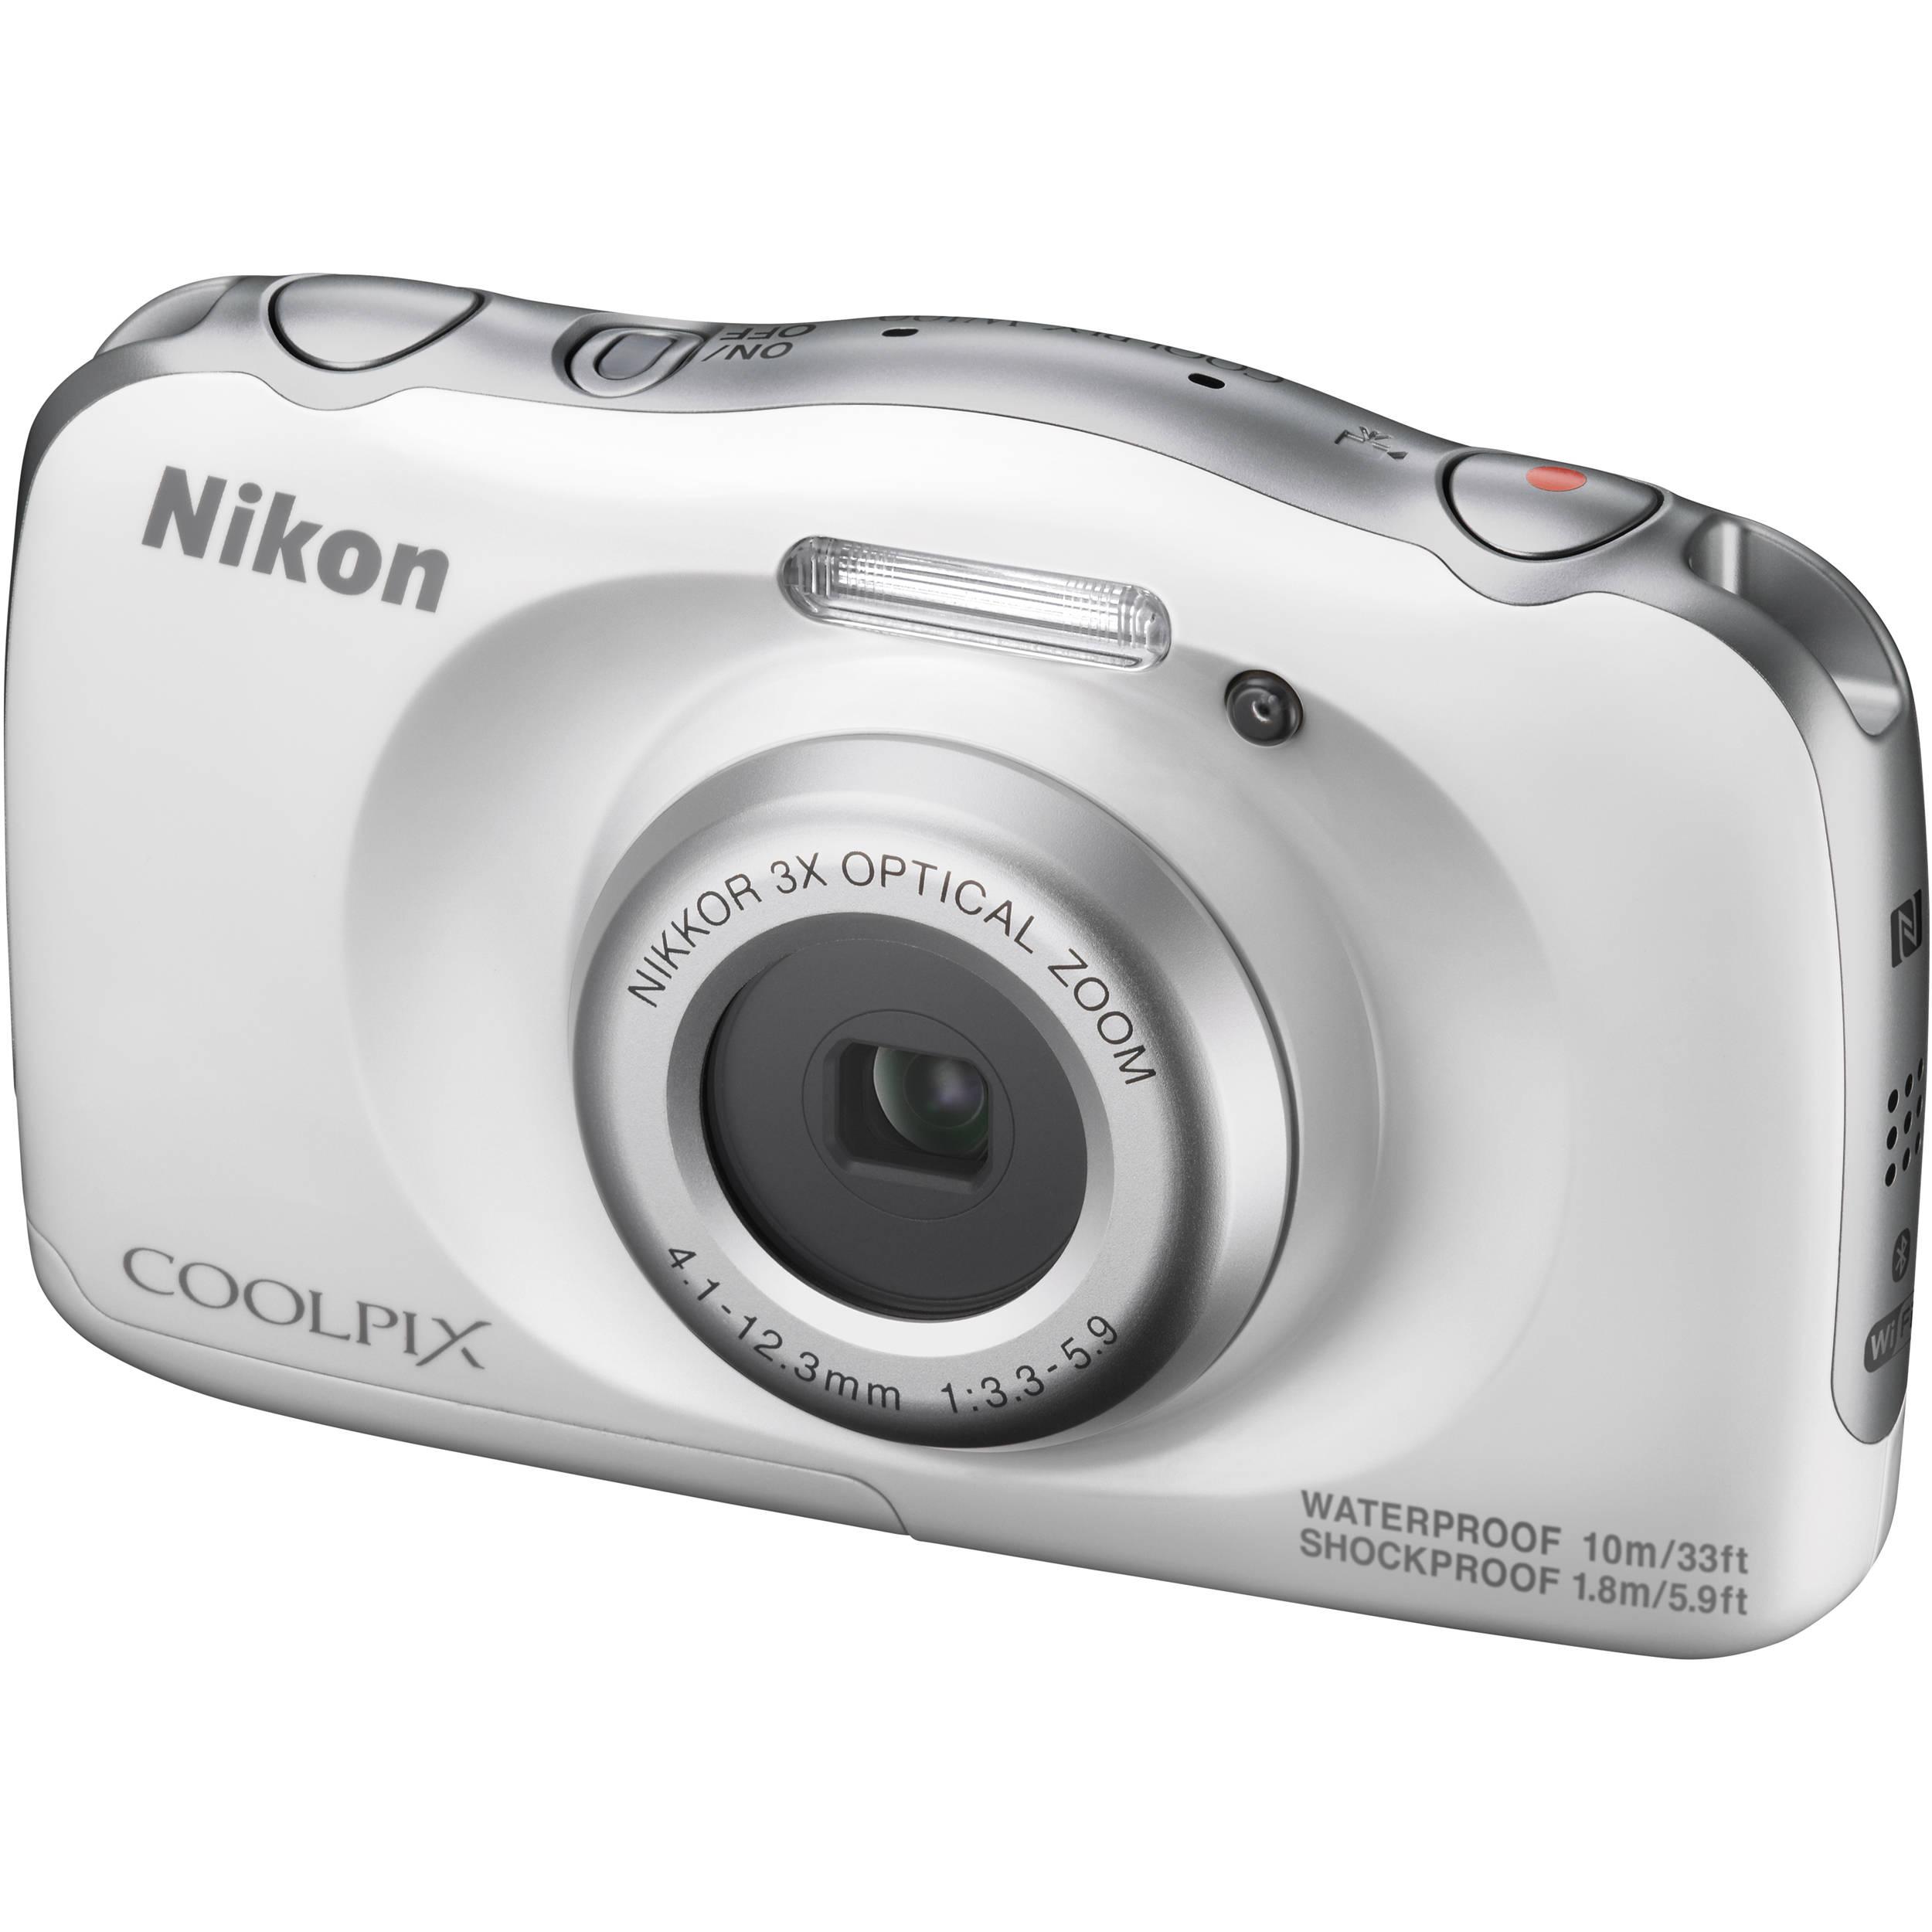 Nikon COOLPIX W100 Digital Camera (White) 26515 B&H Photo Video